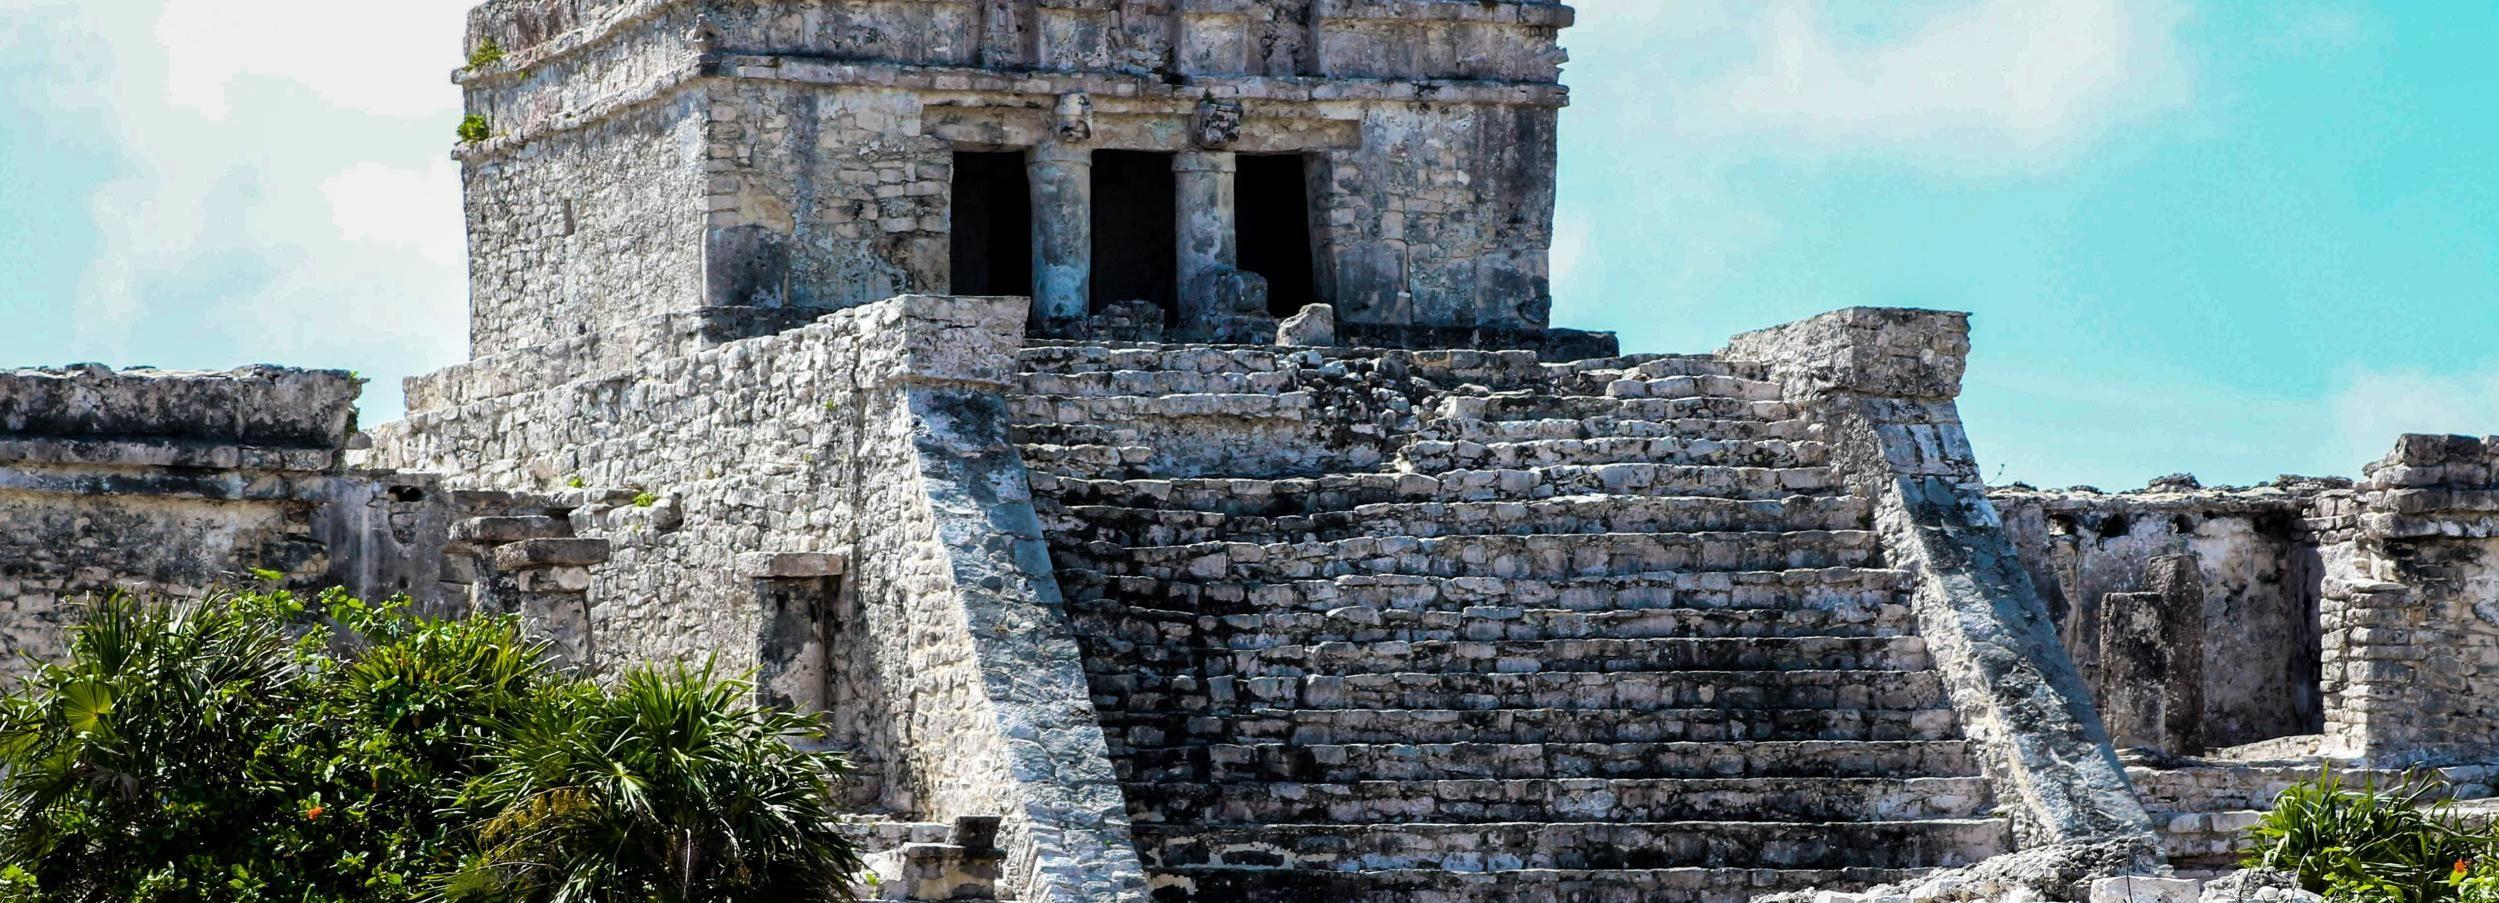 Desde Cancún: tour de Cobá, cenote, Tulum y Playa del Carmen